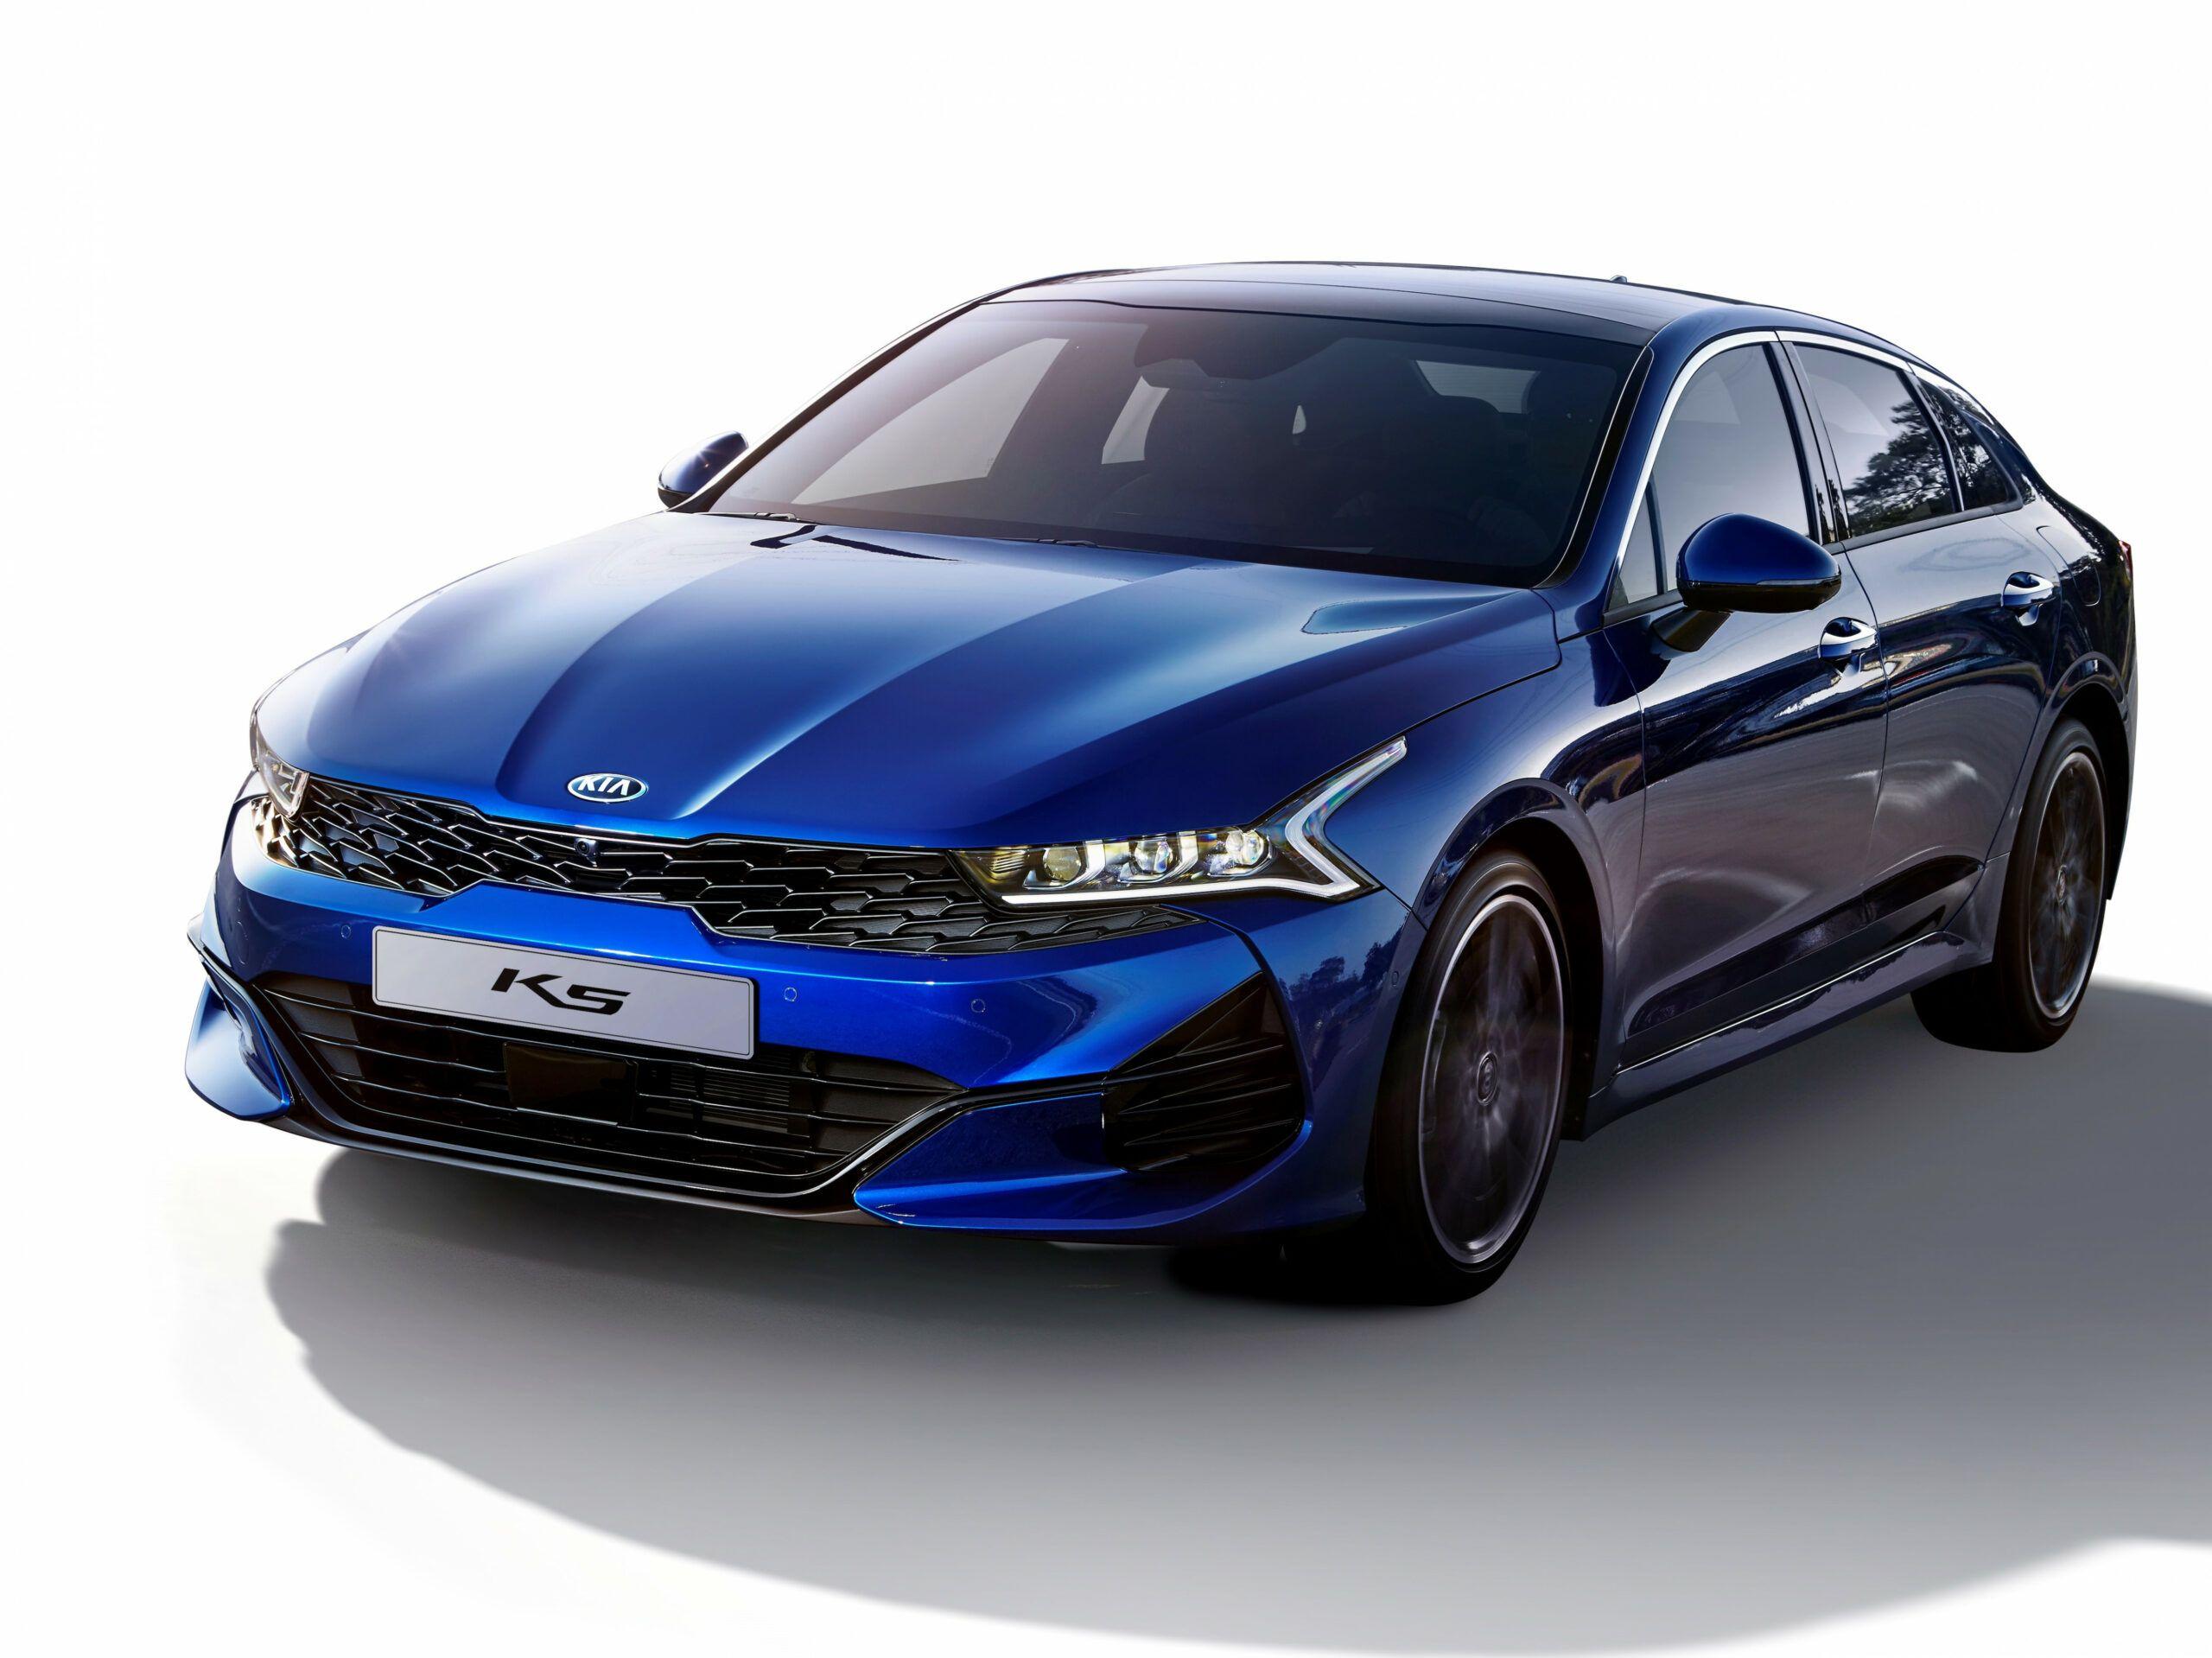 2020 Kia K5 Optima In 2020 Kia Optima Kia Sedan